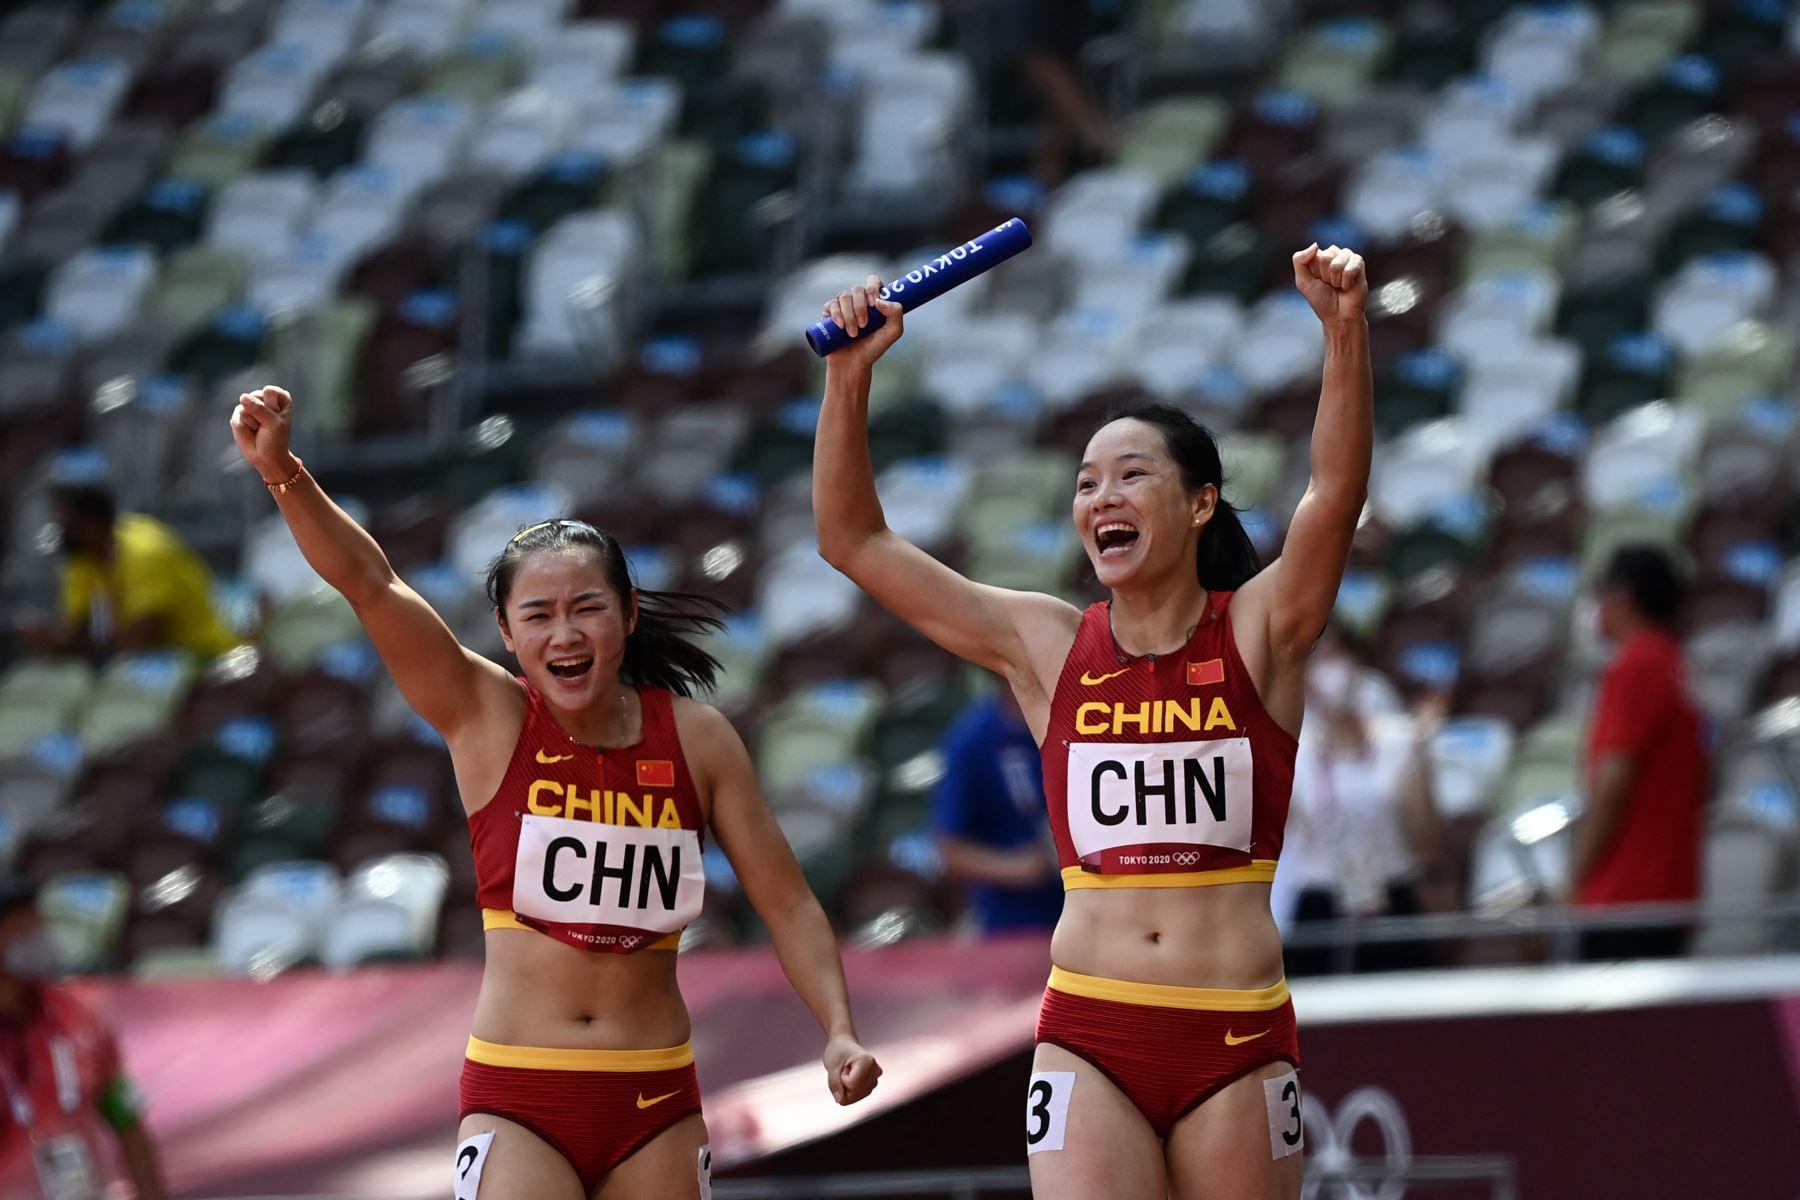 Wei Yongli  de China reacciona después de las eliminatorias de relevos 4x100m femeninos durante los Juegos Olímpicos de Tokio 2020 en el Estadio Olímpico de Tokio .Foto: AFP